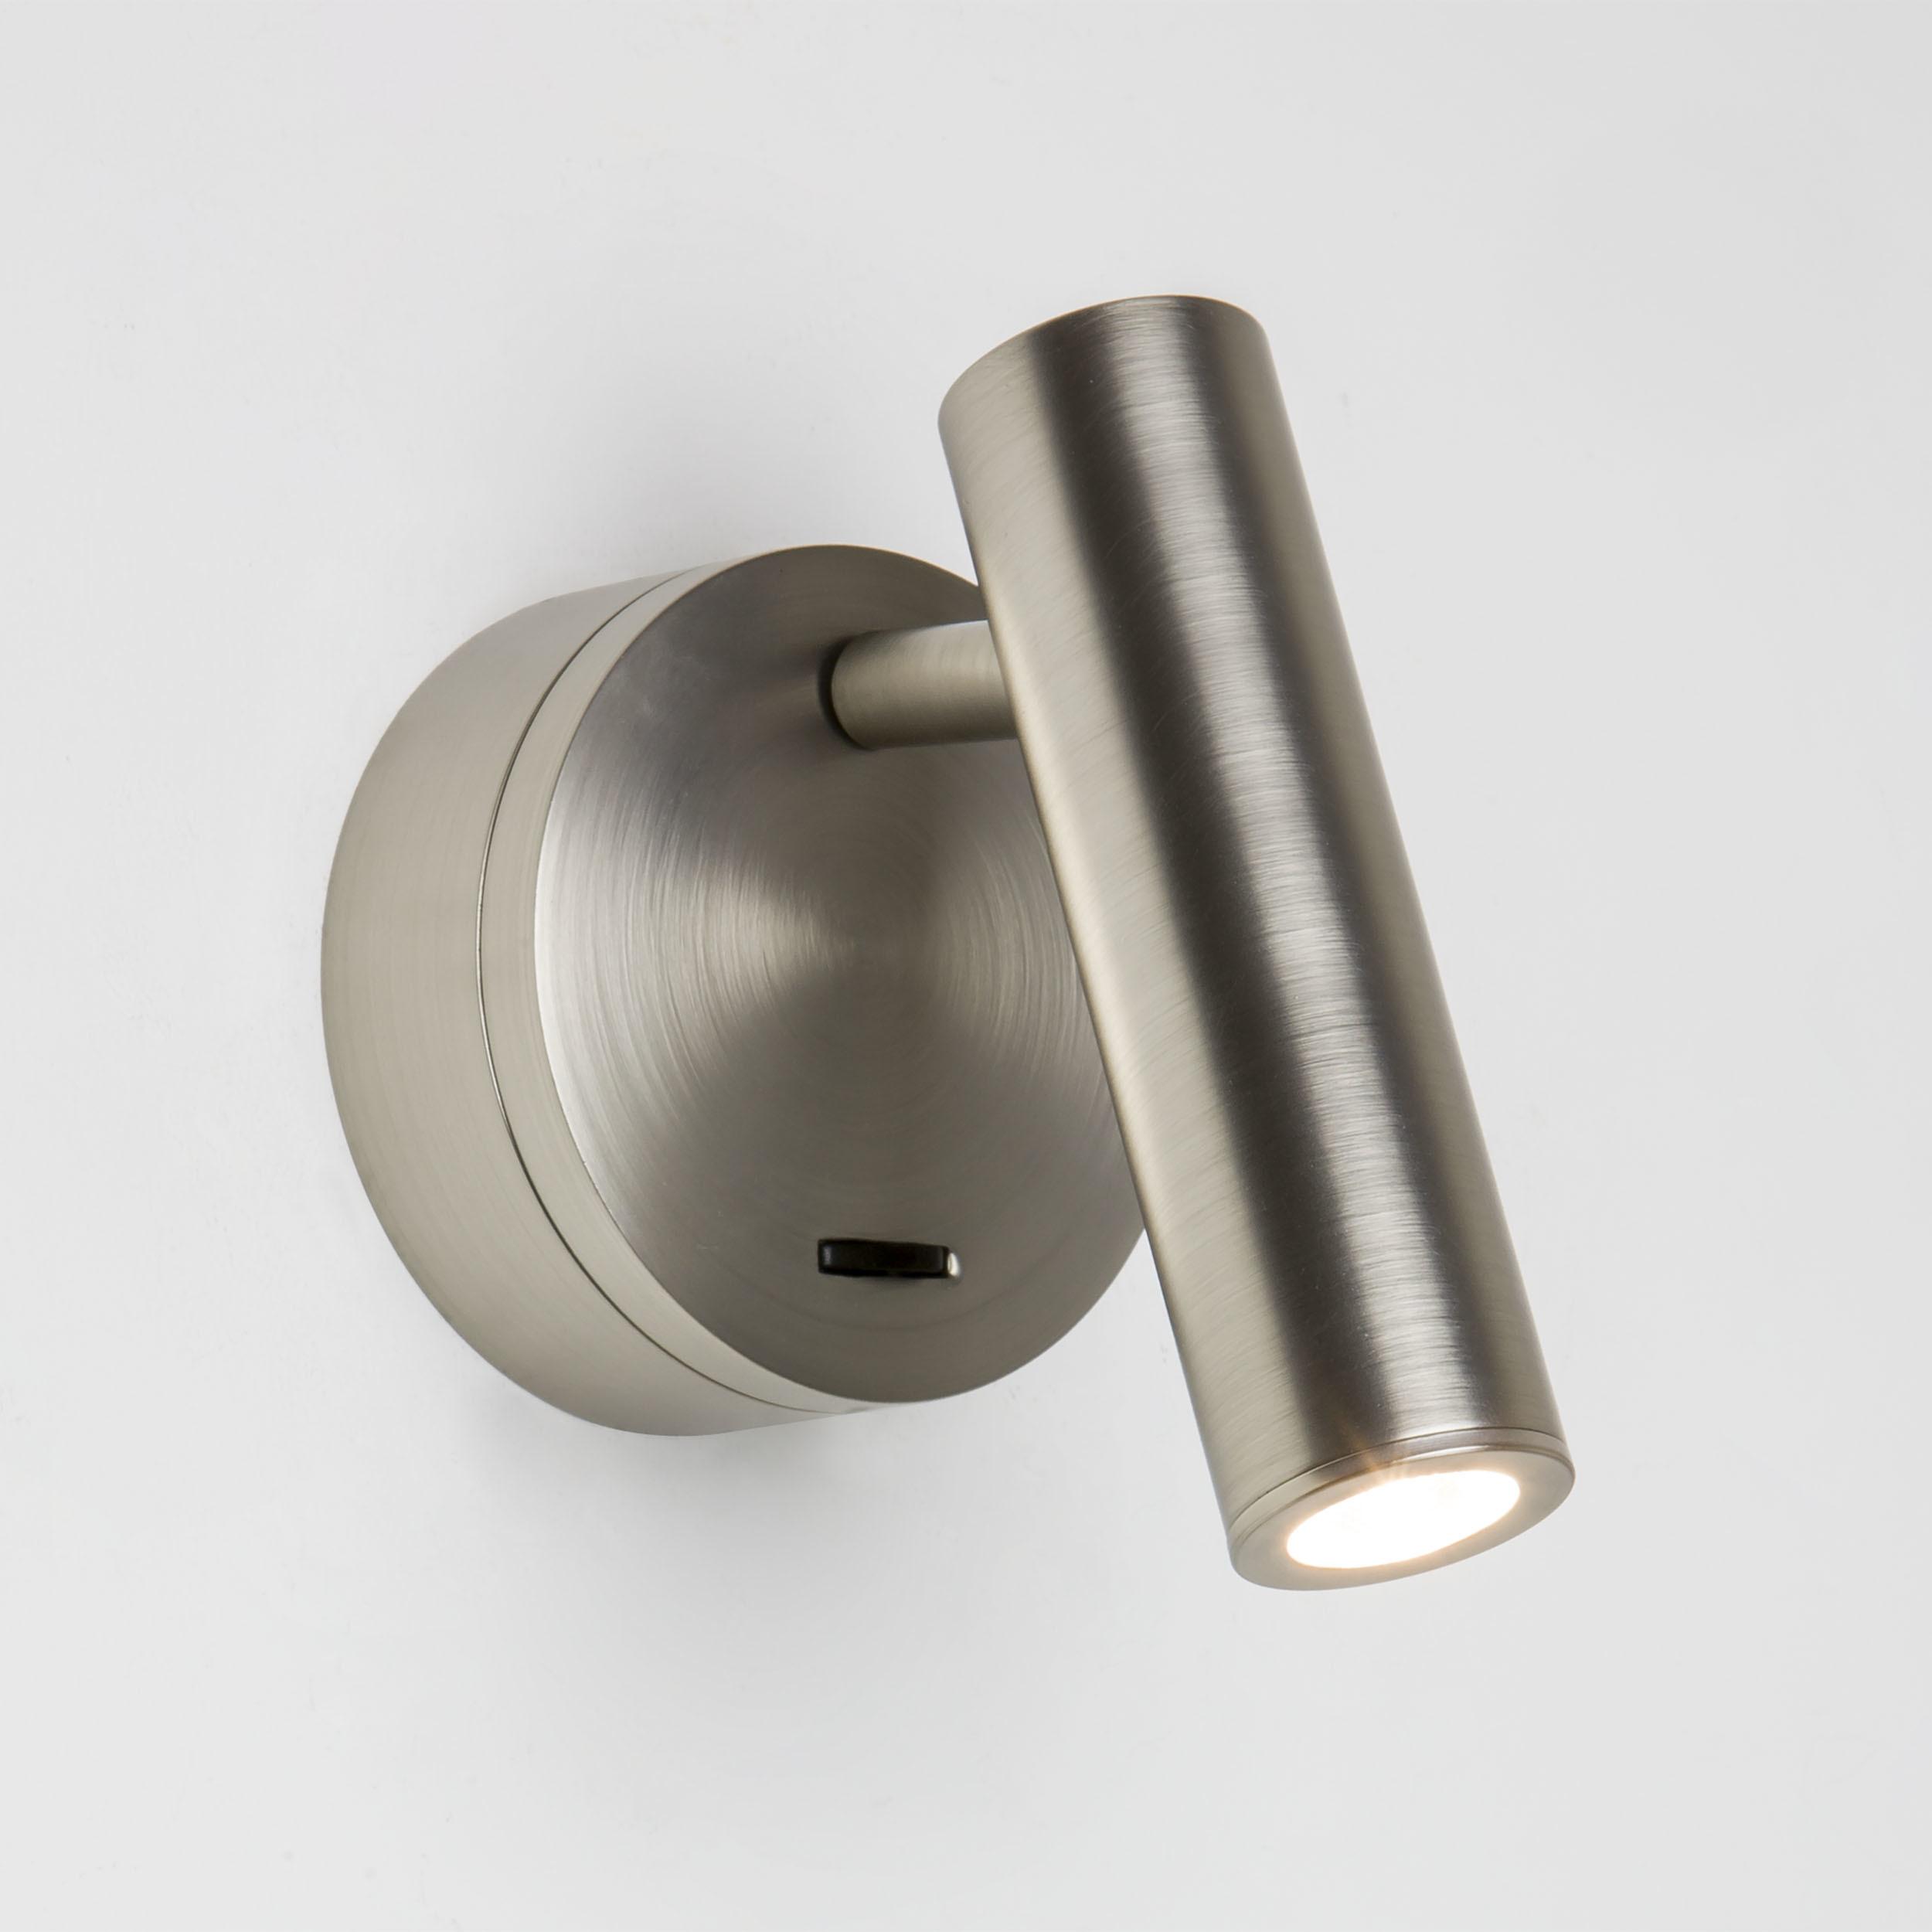 Настенный светодиодный светильник с регулировкой направления света Astro Enna LED 1058013 (7357), LED 4,47W 2700K 111.44lm CRI80, никель, металл - фото 1